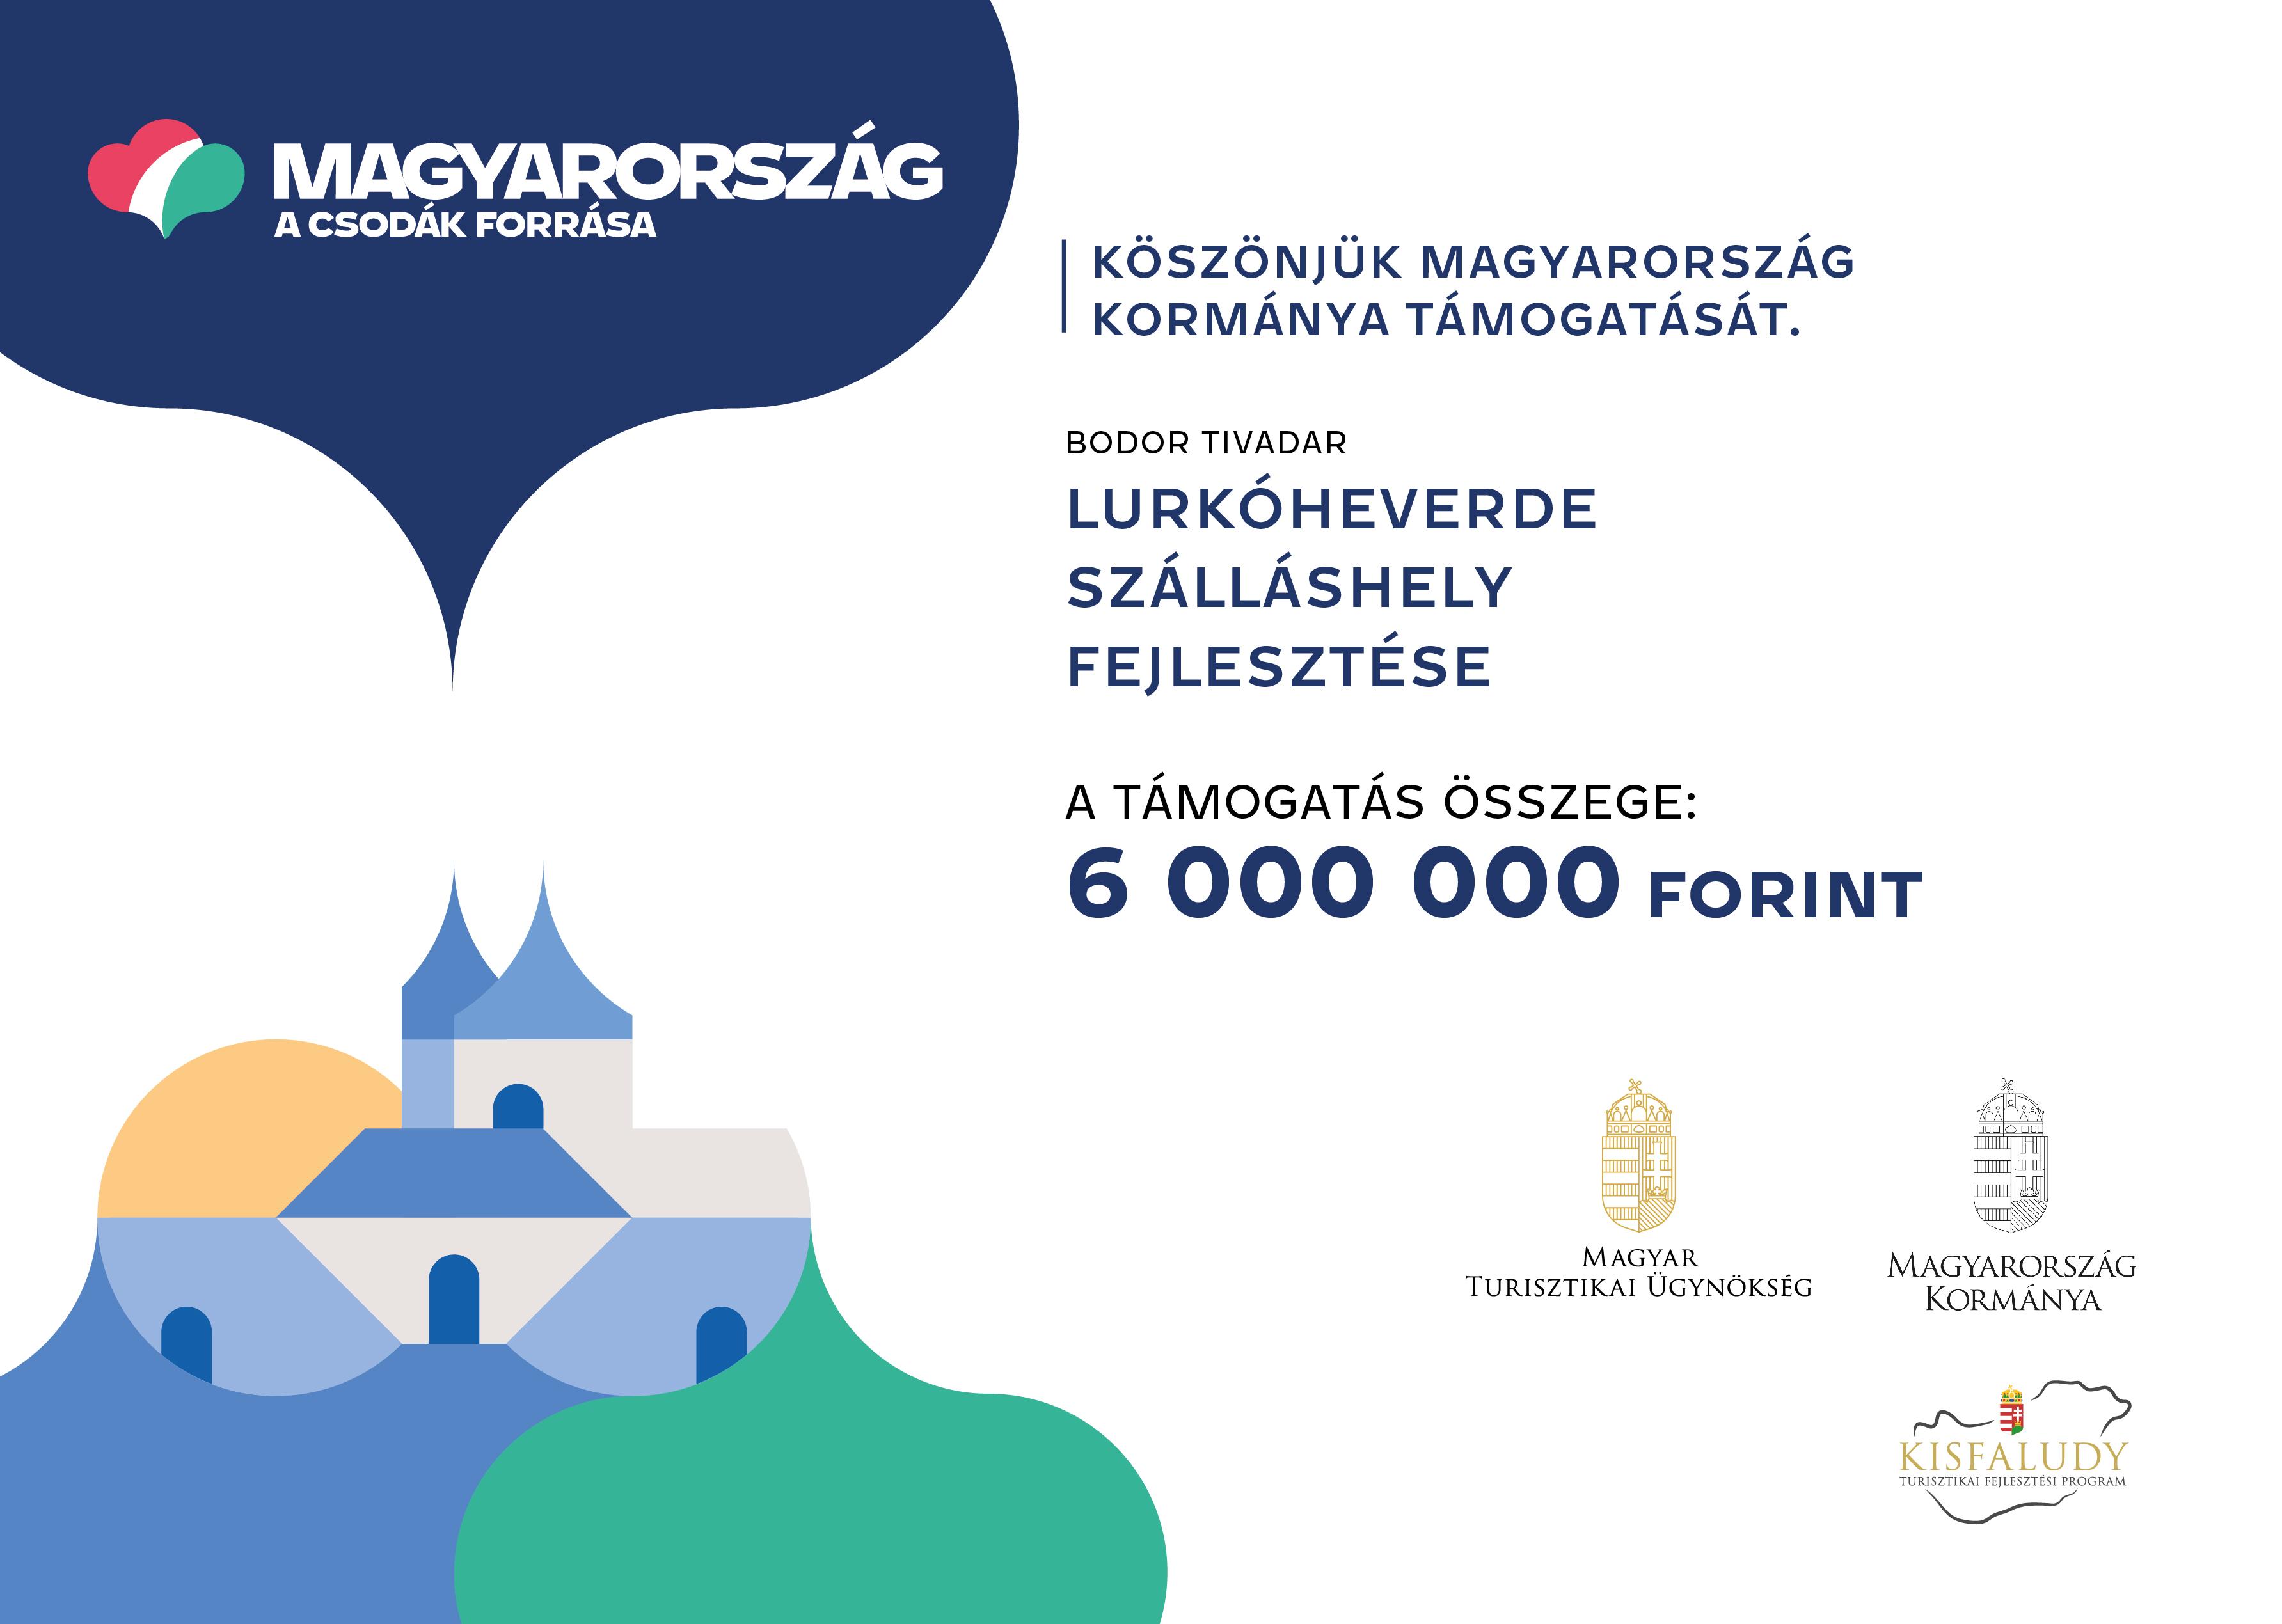 projekttábla_bodor_tivadar_lurkóheverde_fekvo-01